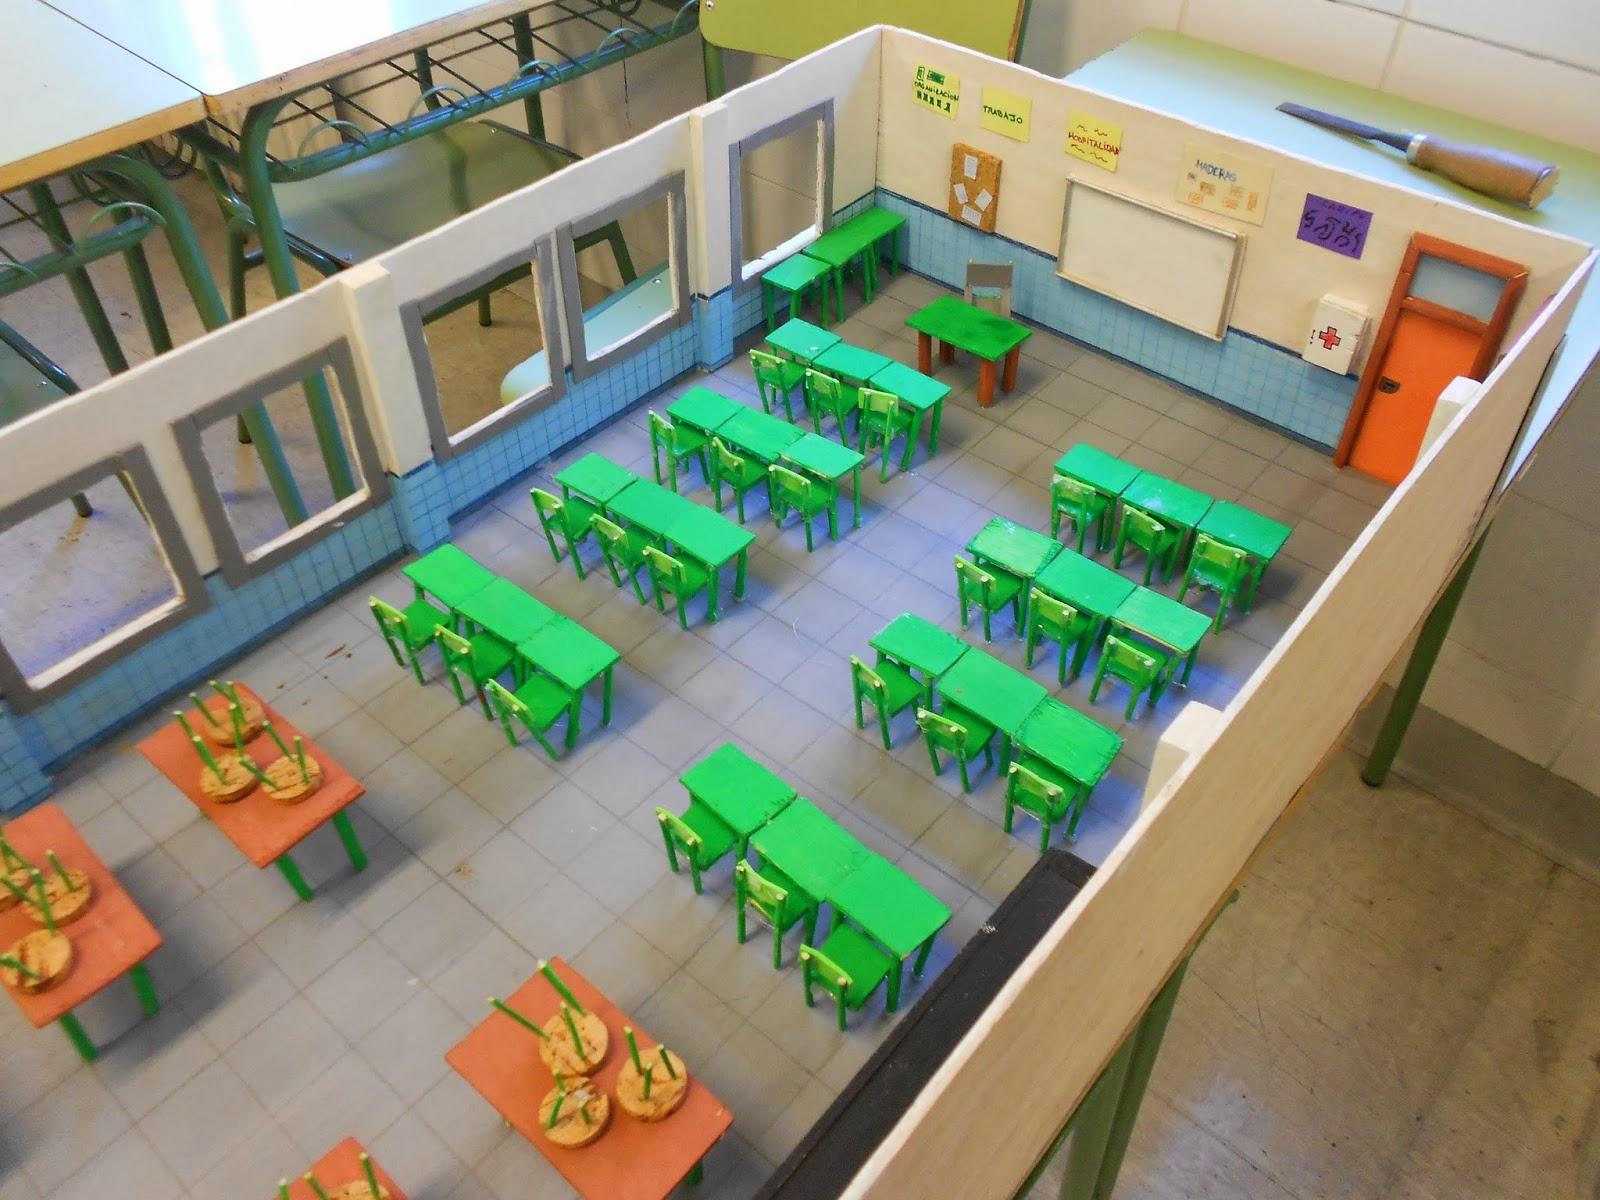 Proyectos pdc maqueta aula taller de tecnolog a for Sillas para una maqueta